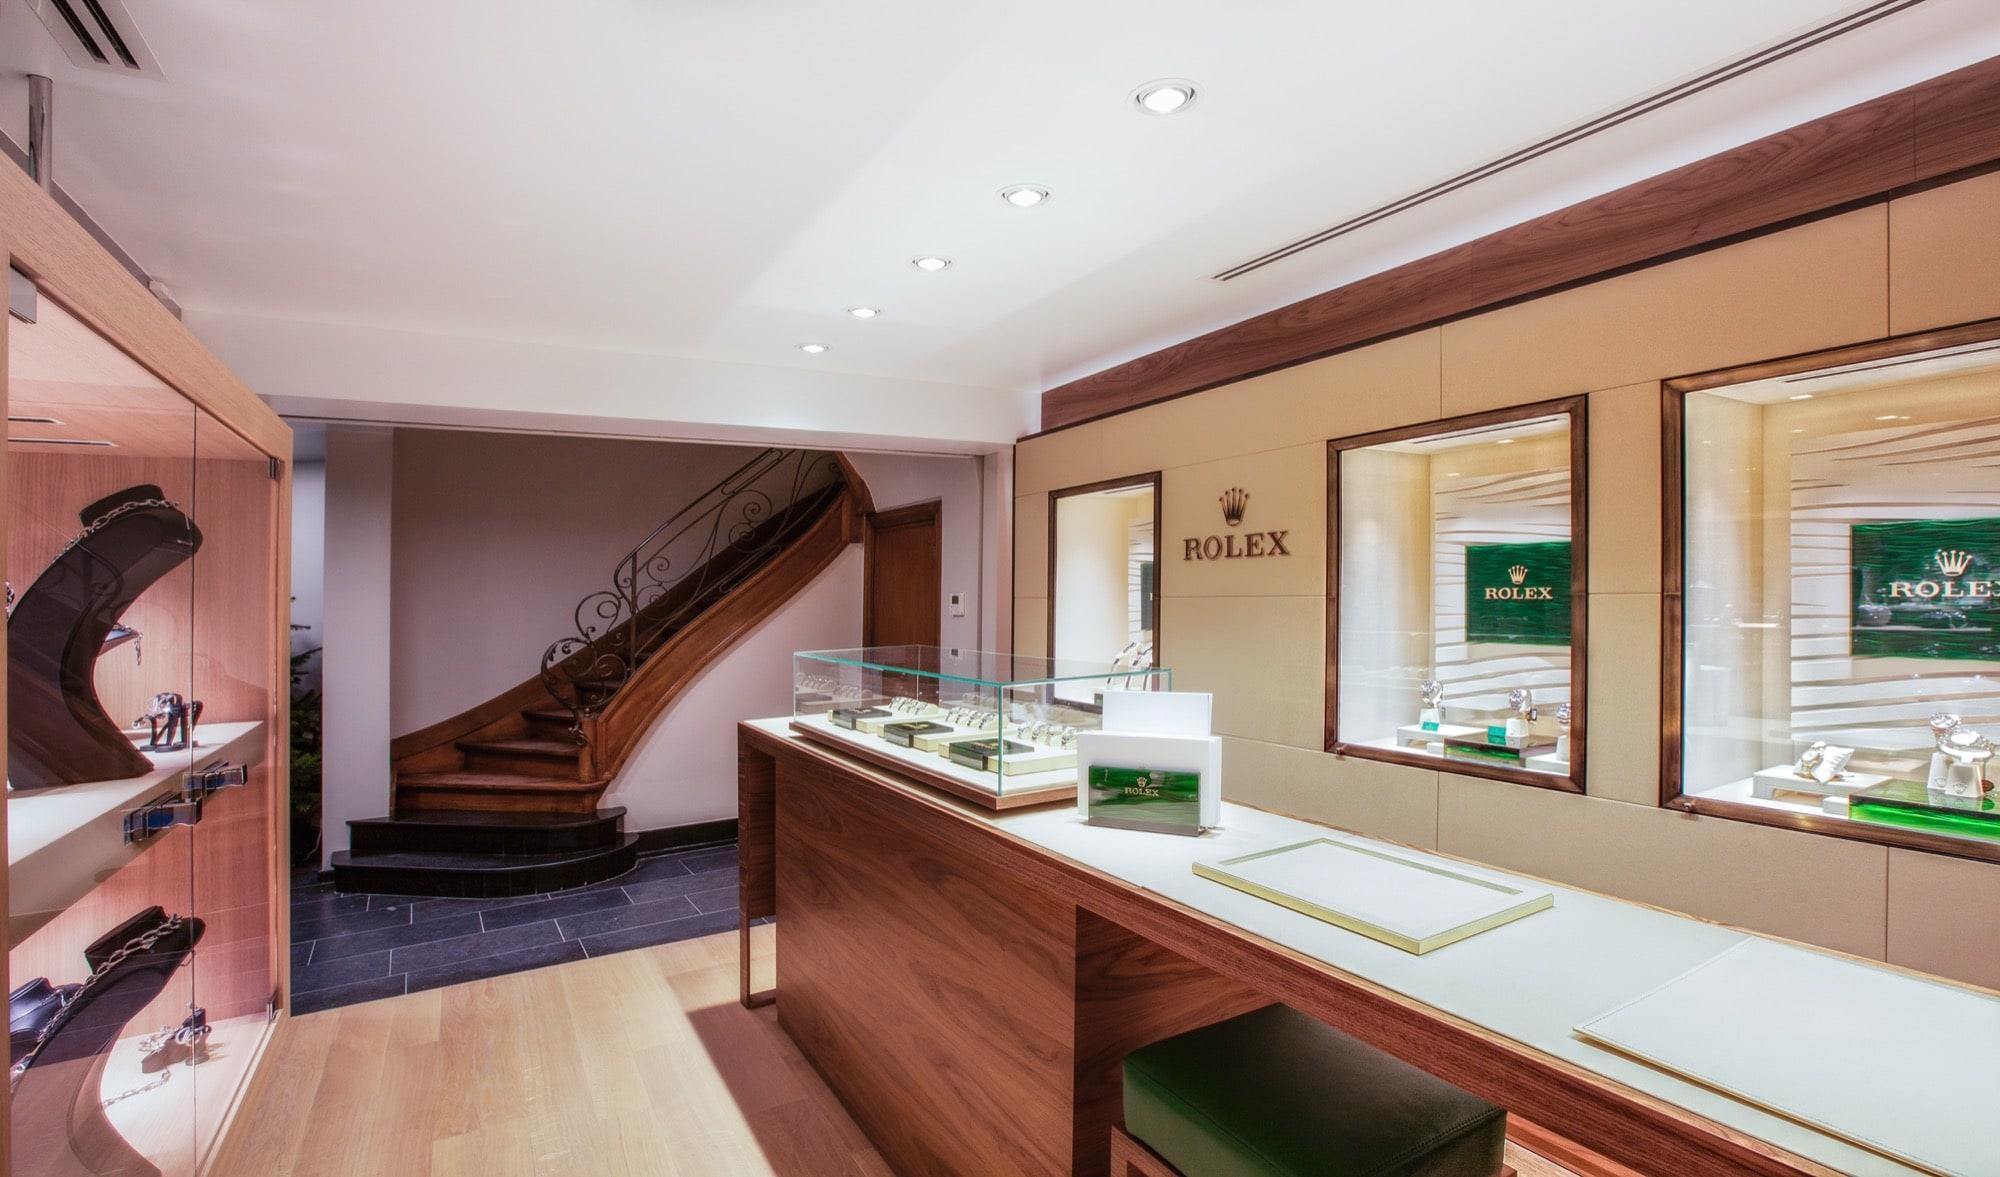 Rolex boutique experience